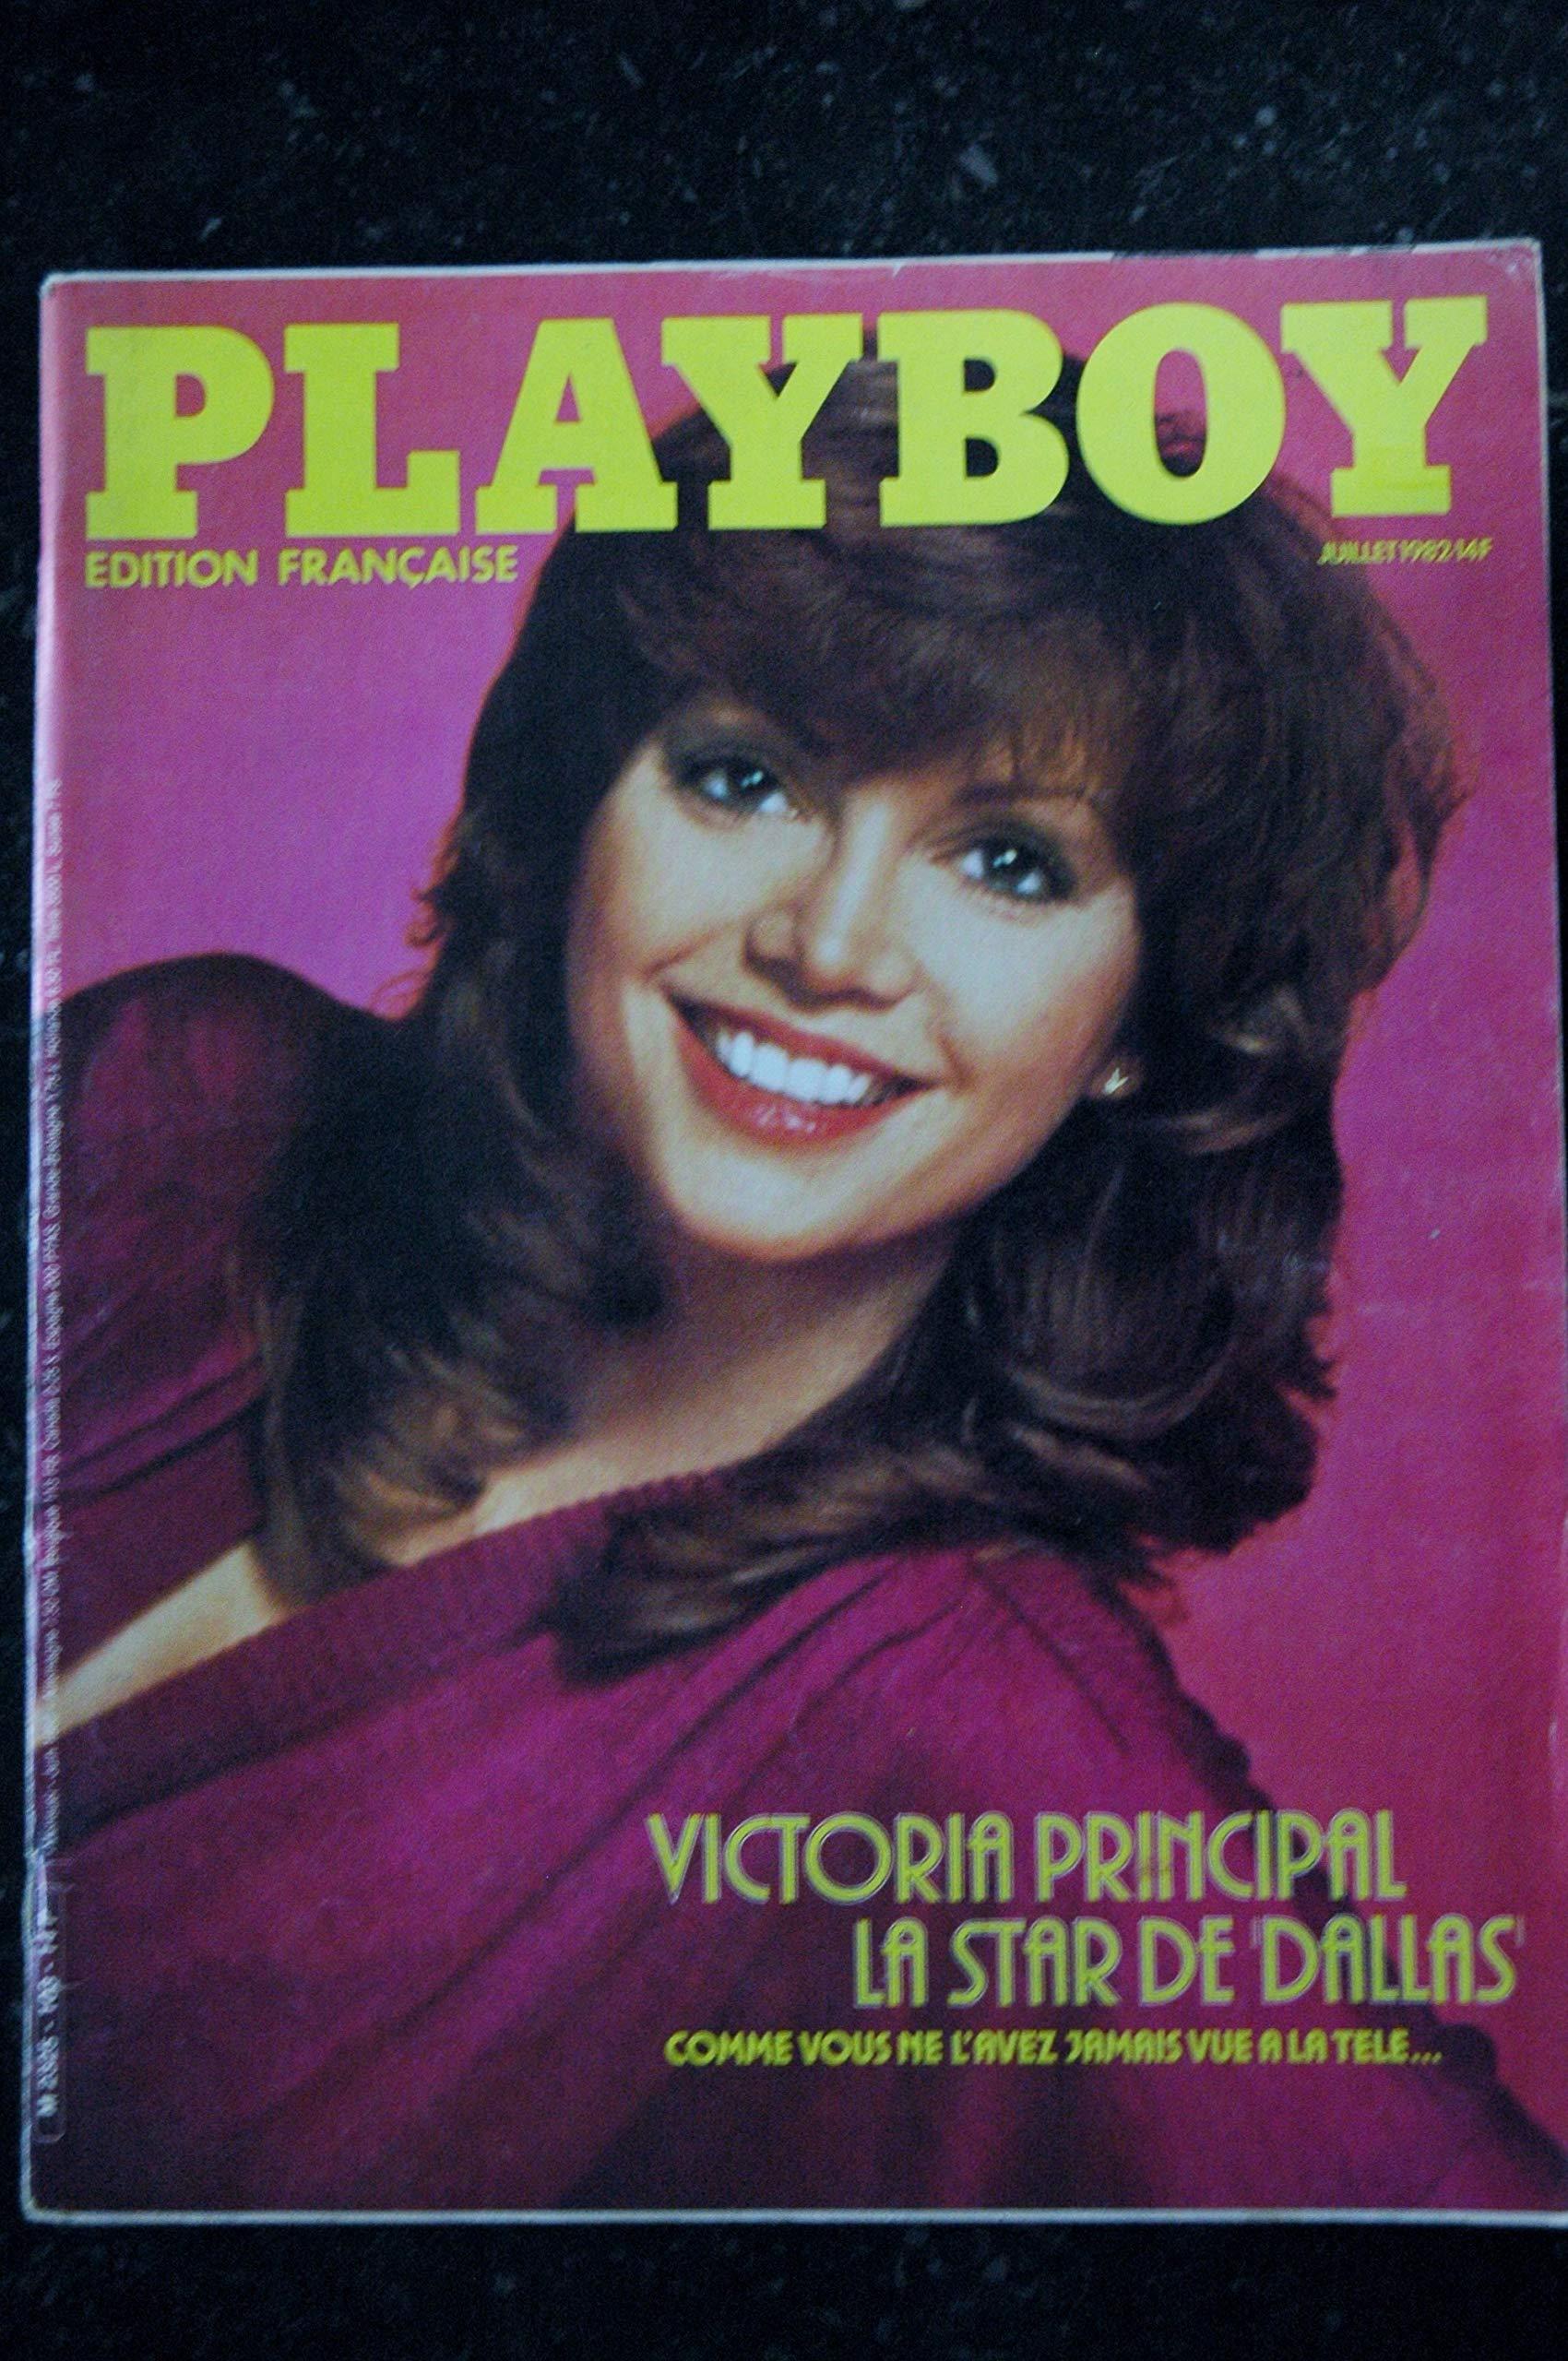 Victoria principal playboy